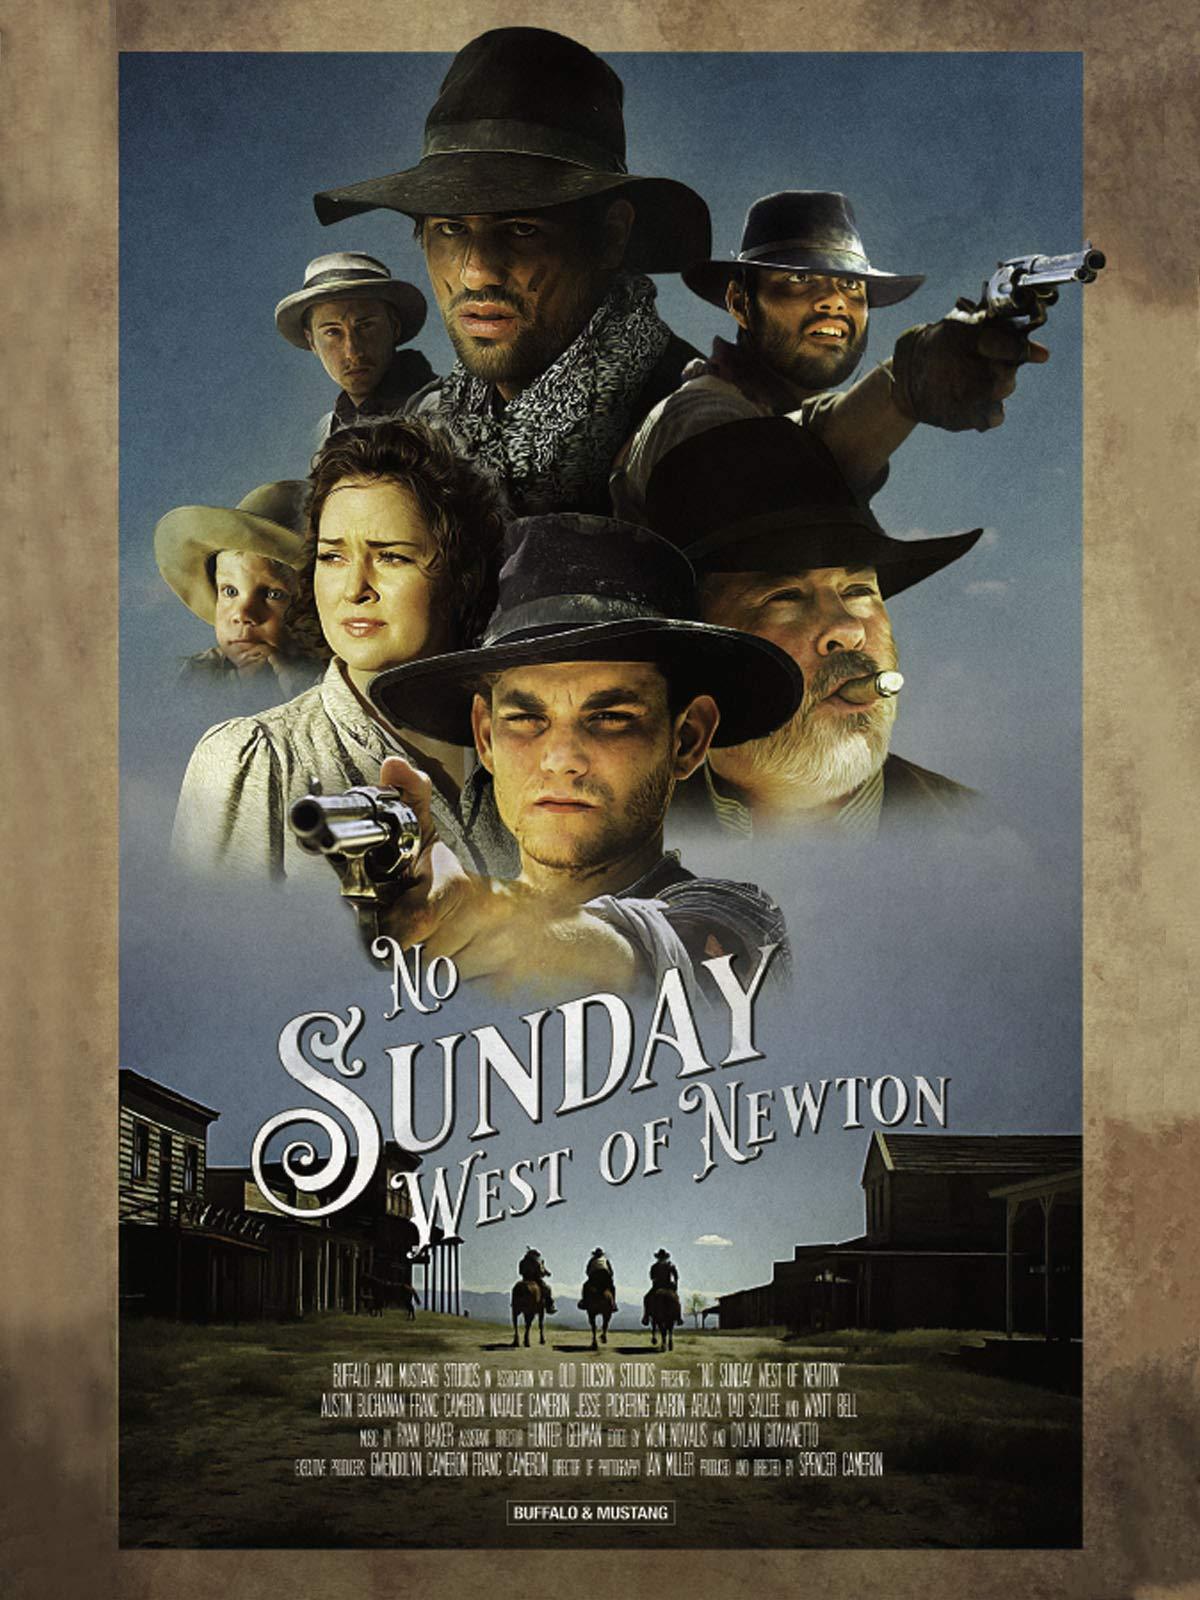 No Sunday West Of Newton